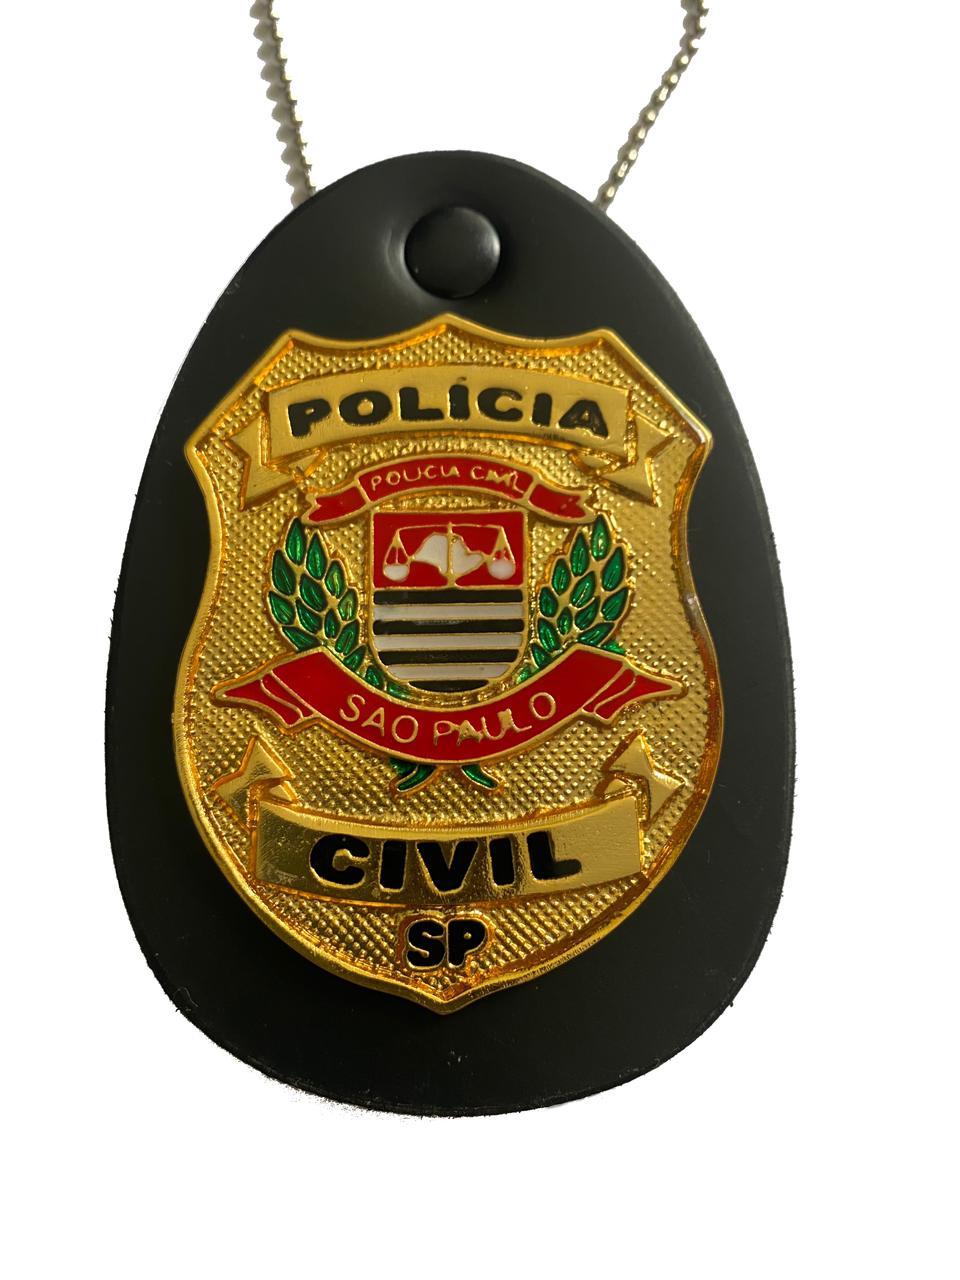 POLÍCIA CIVIL SÃO PAULO - PCSP NOVO BRASÃO PCESP